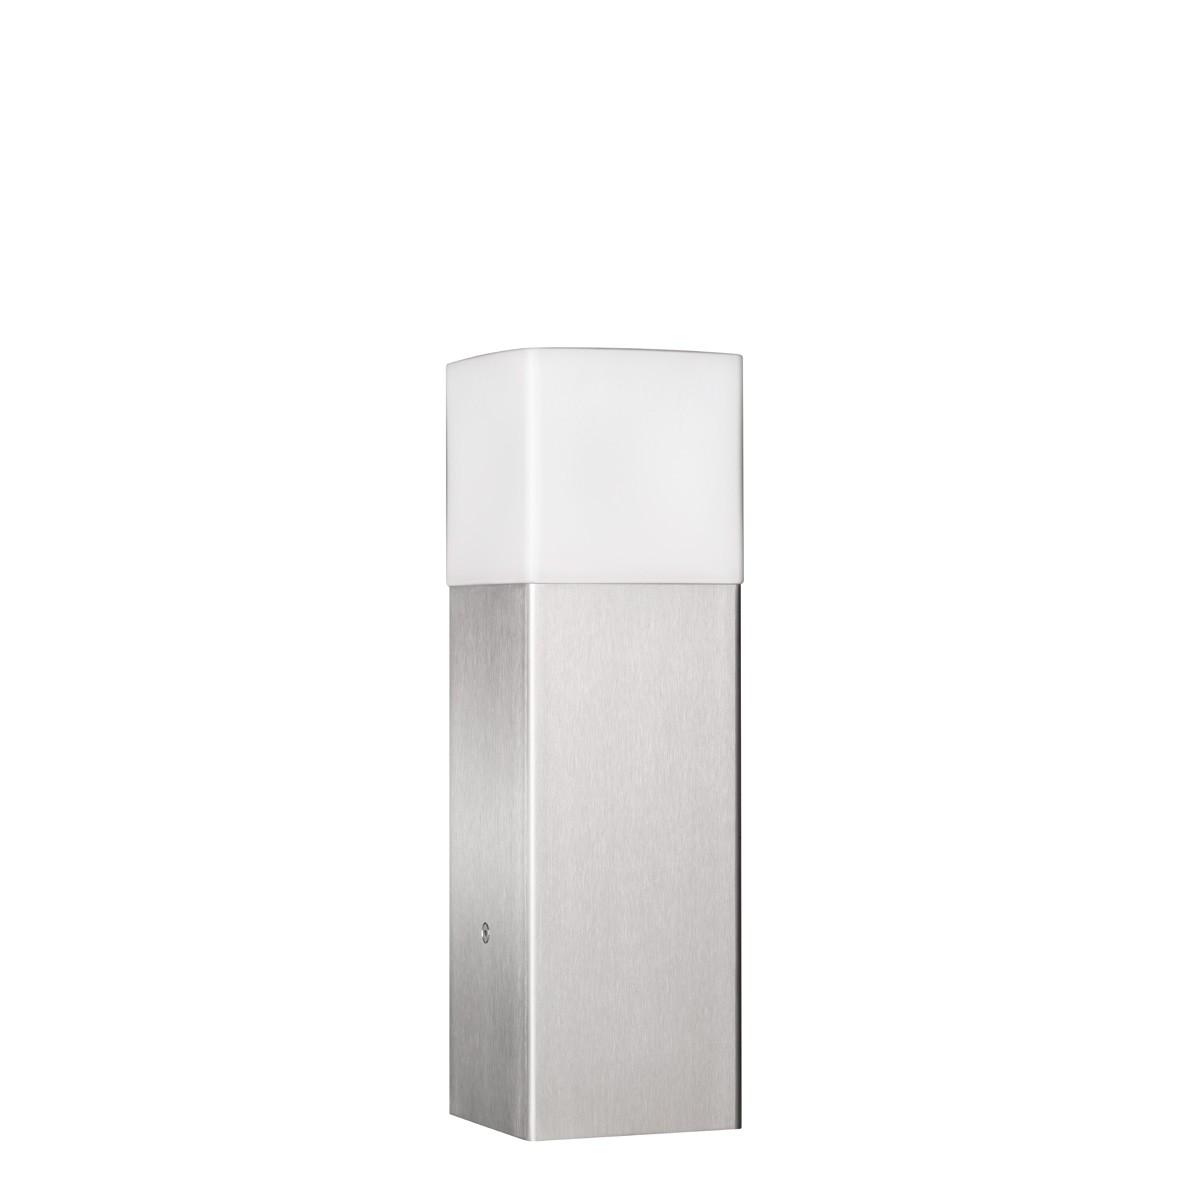 LCD Außenleuchten 030/031 Pollerleuchte, Edelstahl, Höhe: 40 cm